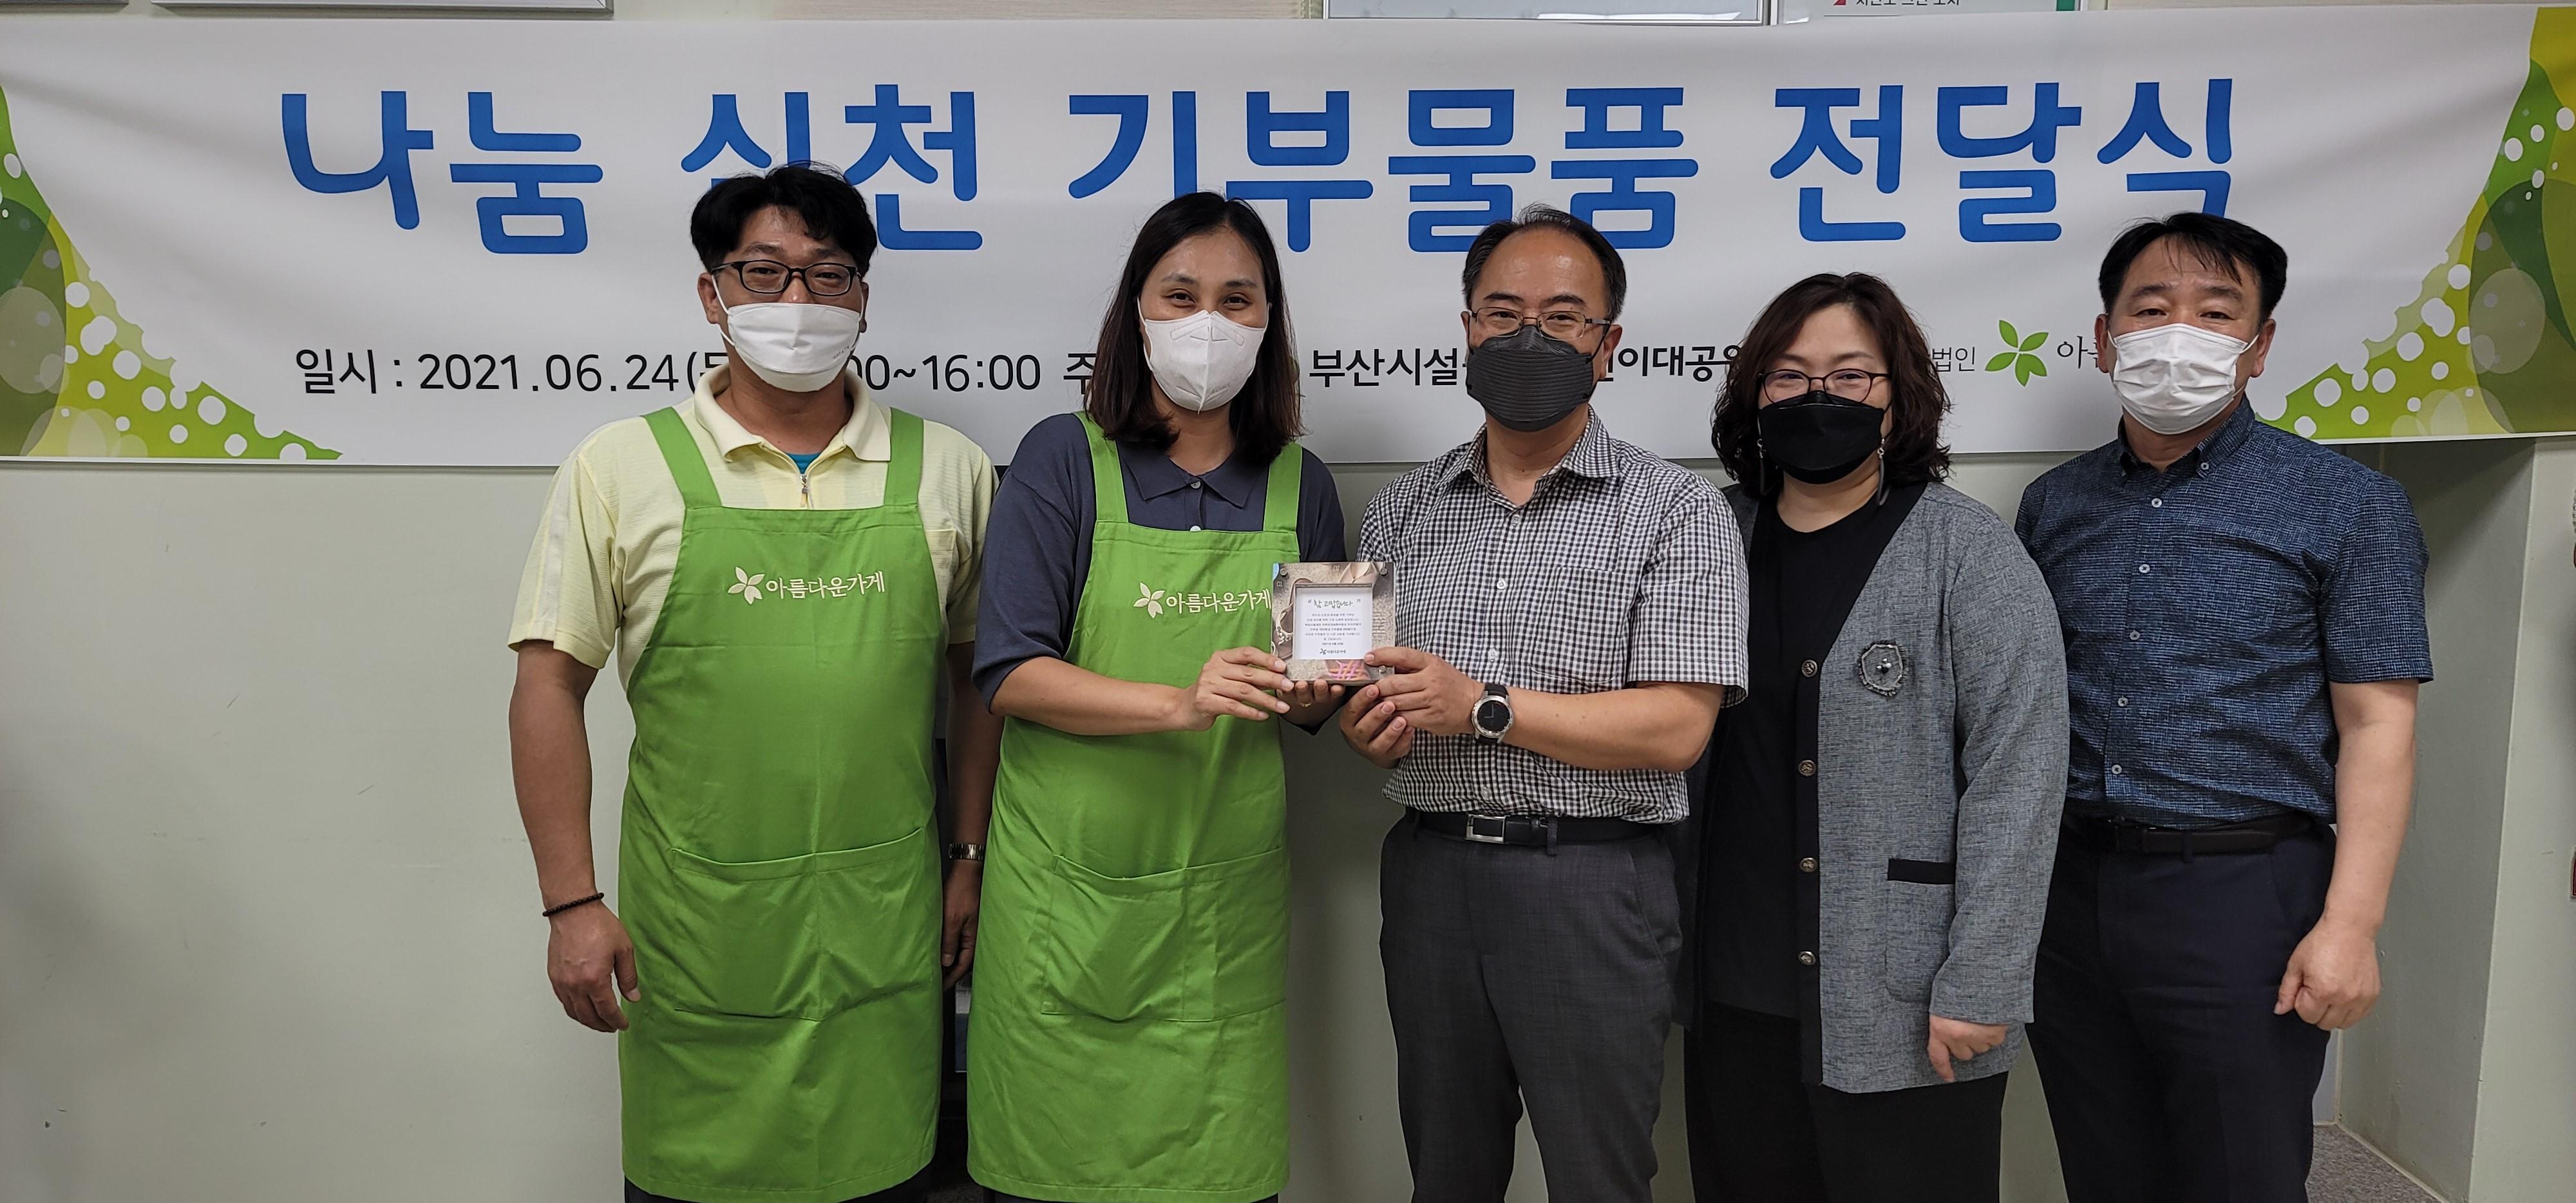 부산시설공단 공원관리처, 아름다운 가게에 나눔 기부